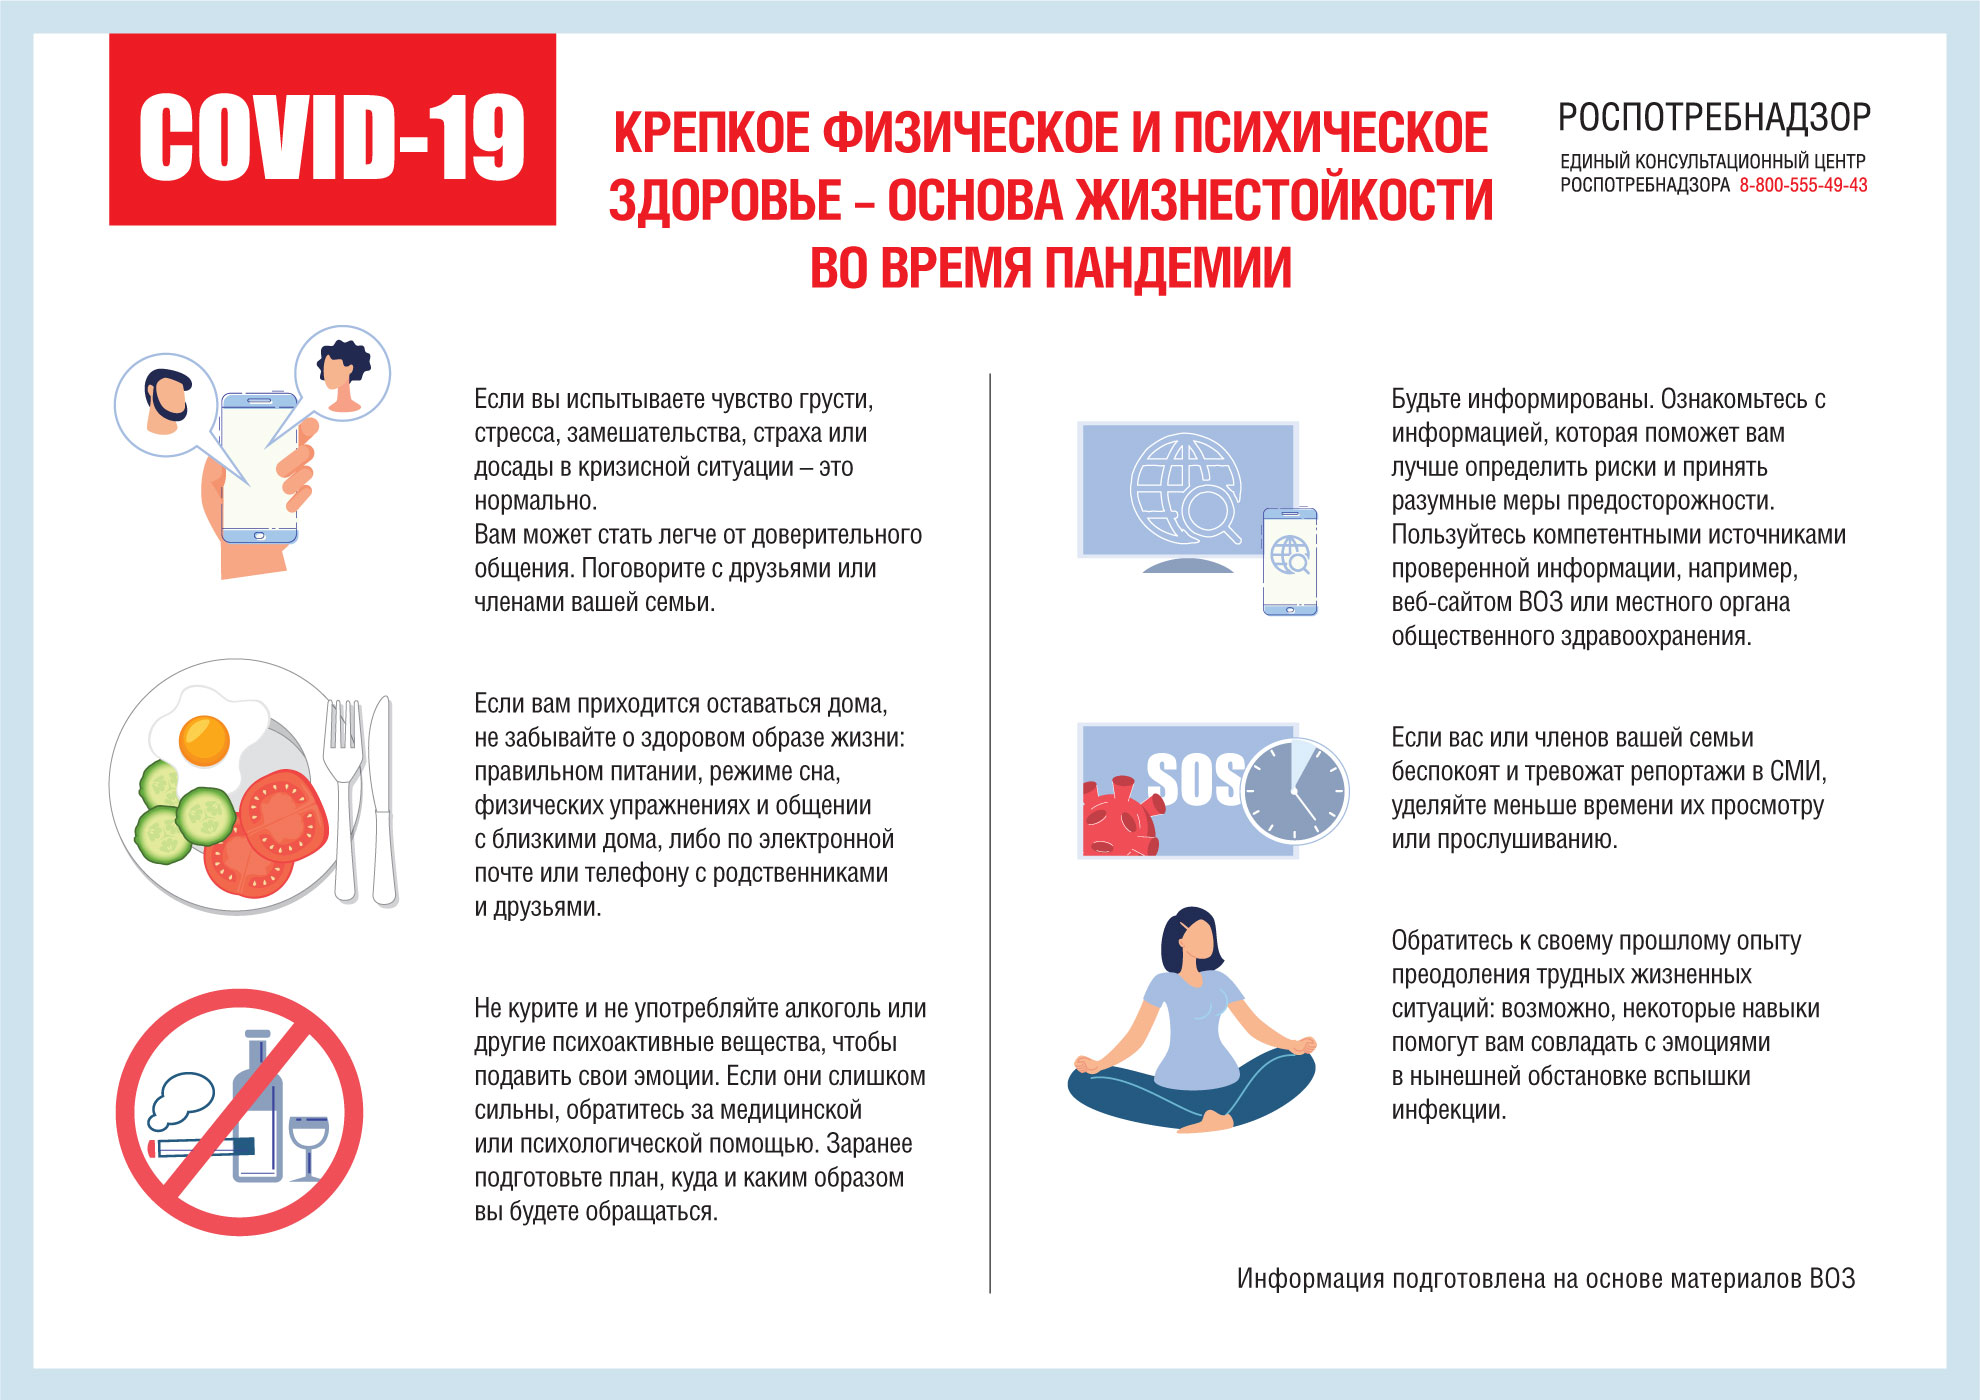 Жителям Тверской области рассказали, как справиться со стрессом во время пандемии